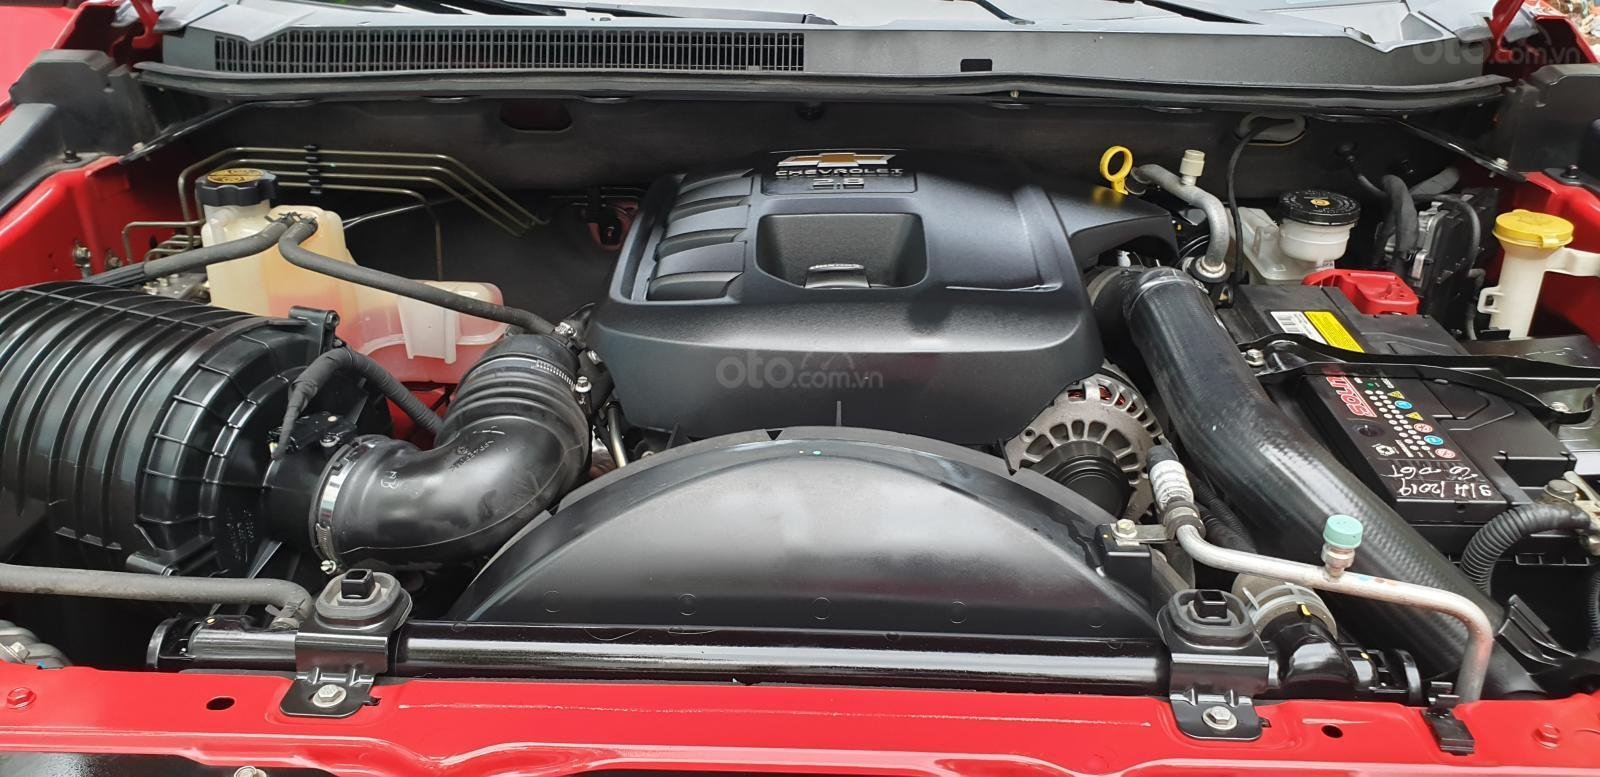 Bán Chevrolet Colorado LTZ 2 cầu số tự động đời 2017 màu đỏ nhập mới 80% (15)